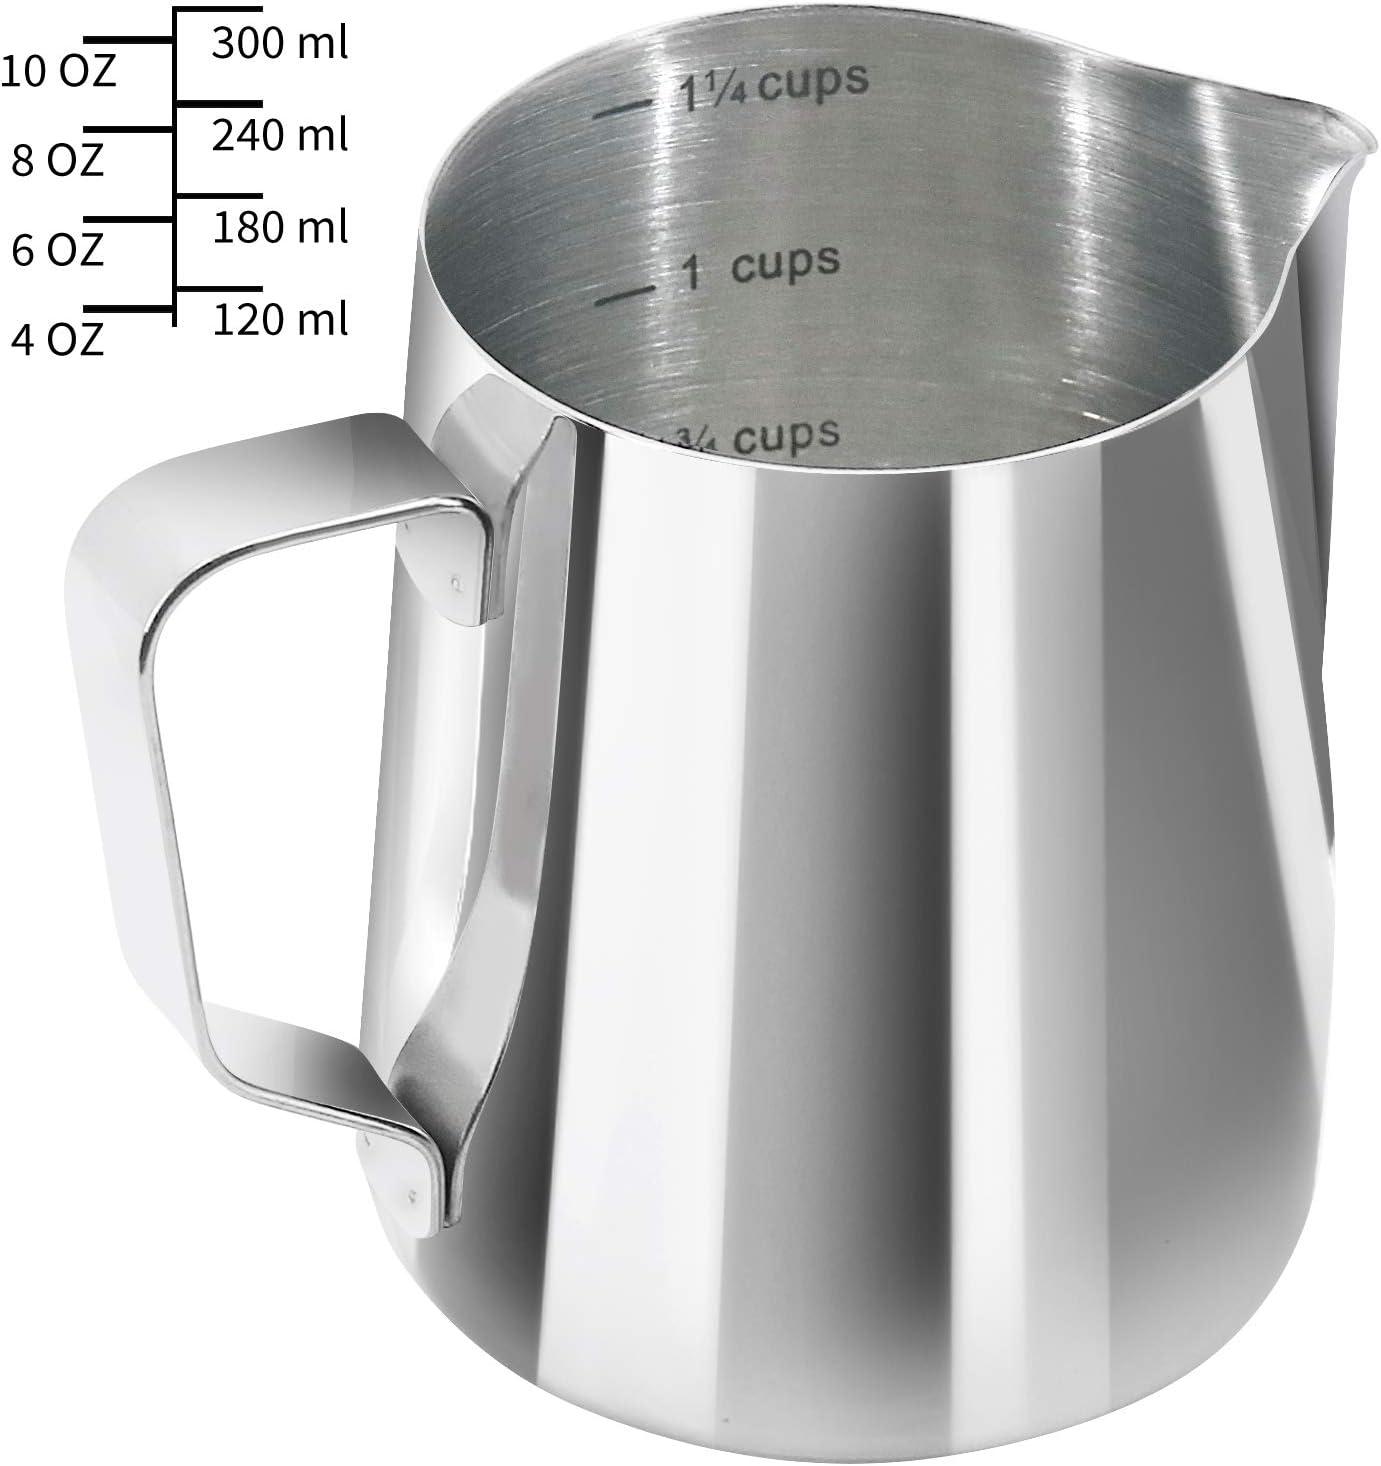 YYP Jarra de leche [3 escalas de medición, incluyendo taza, ml y escala de oz] – Jarra de espuma de acero inoxidable 304 para cafetera, espumador Art Maker, 300 ml (10 onzas líquidas/1,25 tazas)